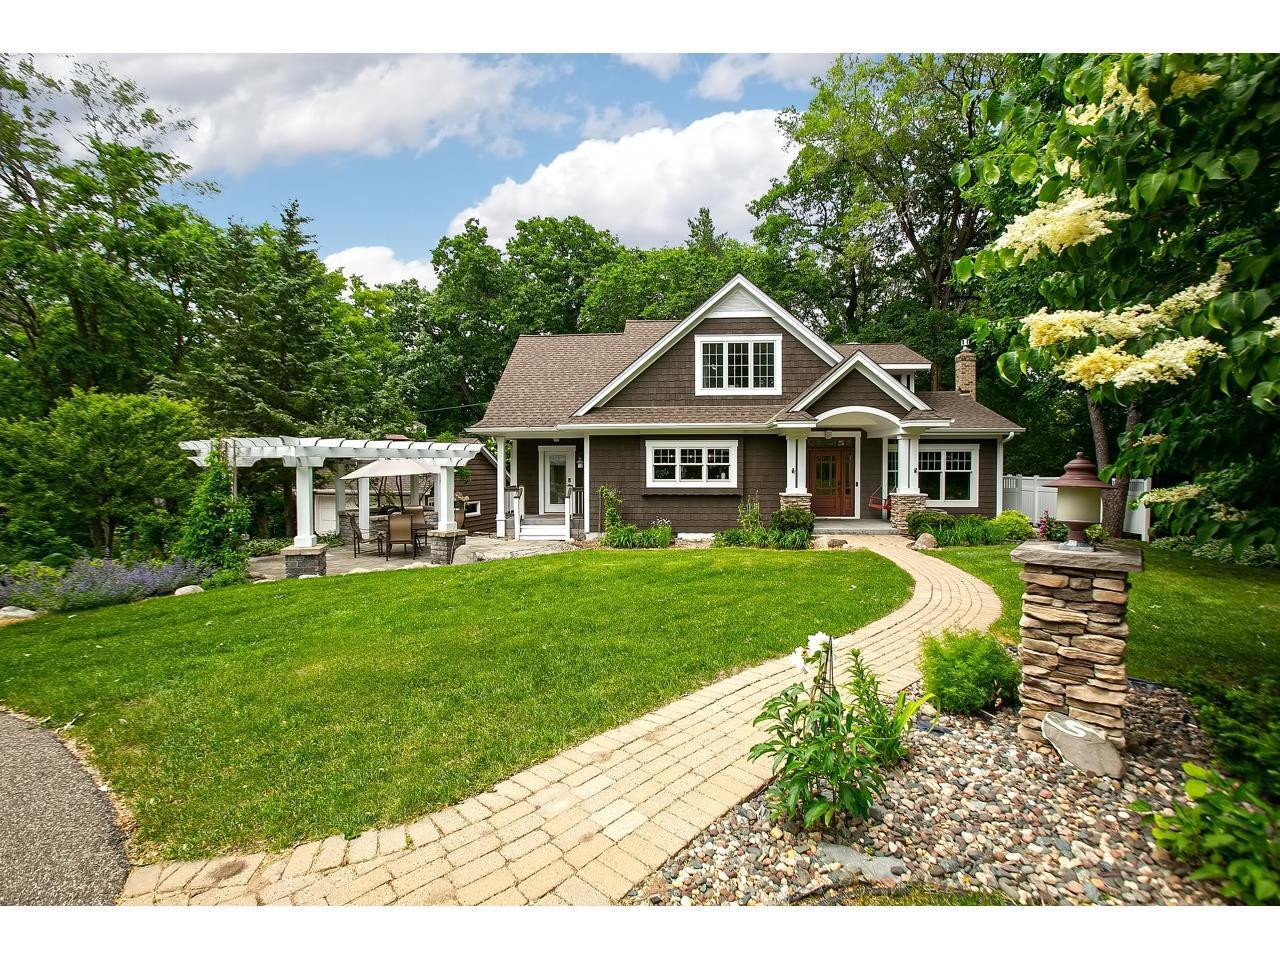 6016 Eden Prairie Property Photo - Minnetonka, MN real estate listing